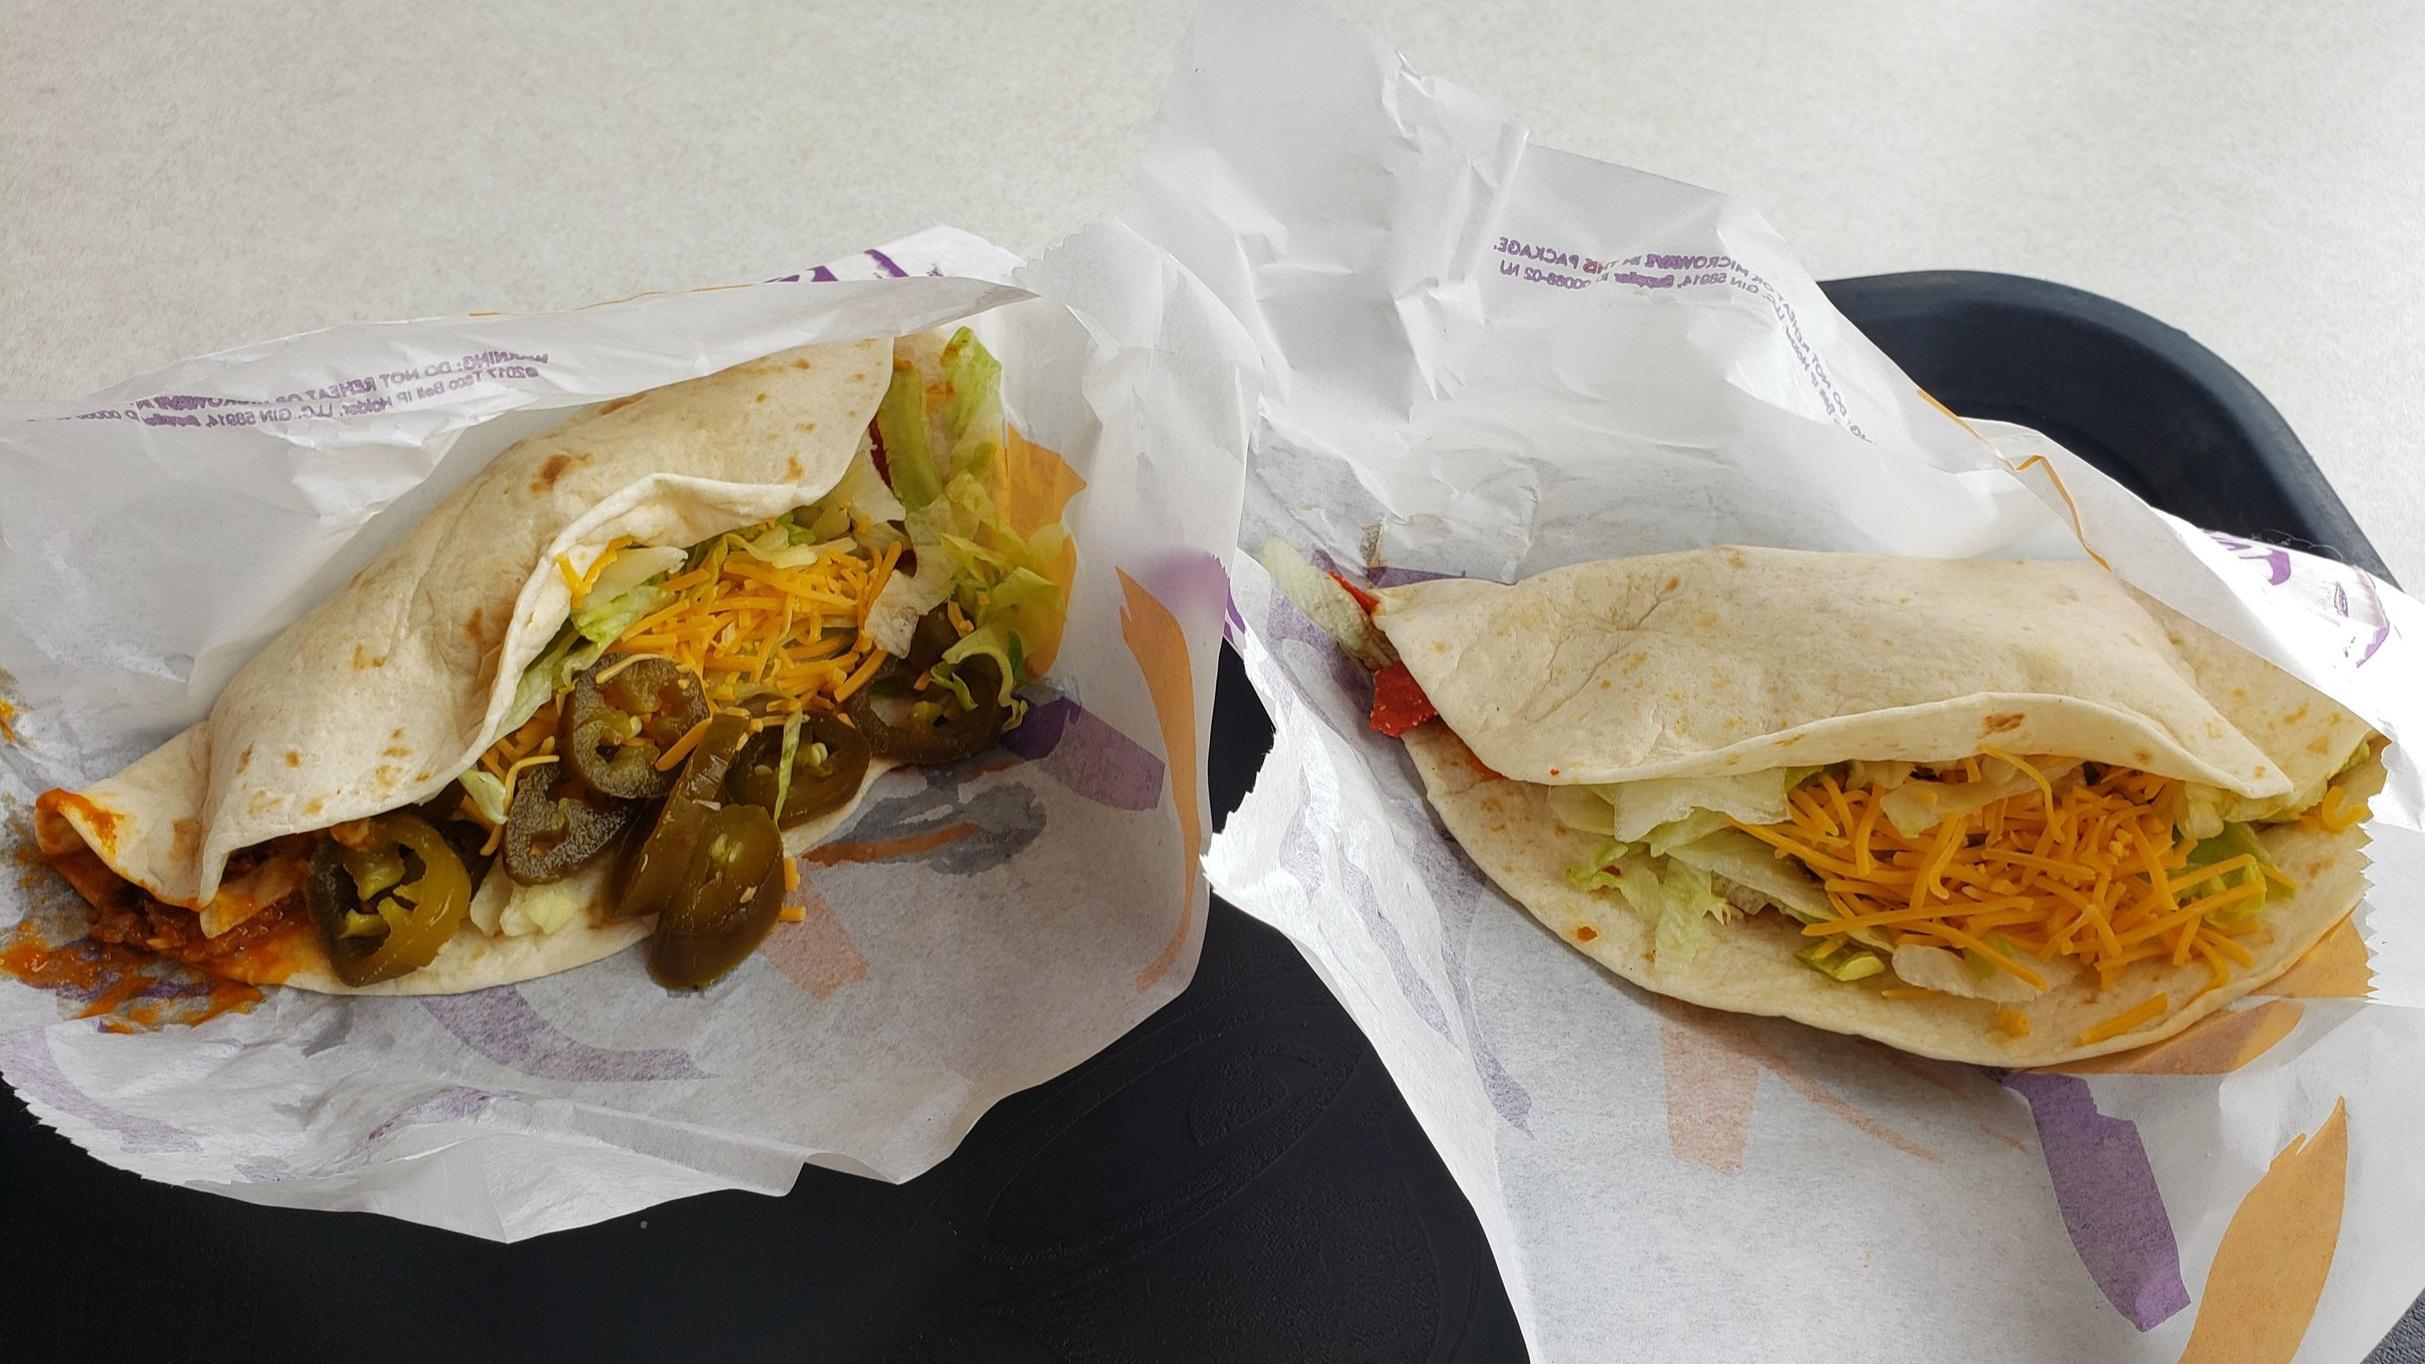 Spicy Loaded Nacho Taco